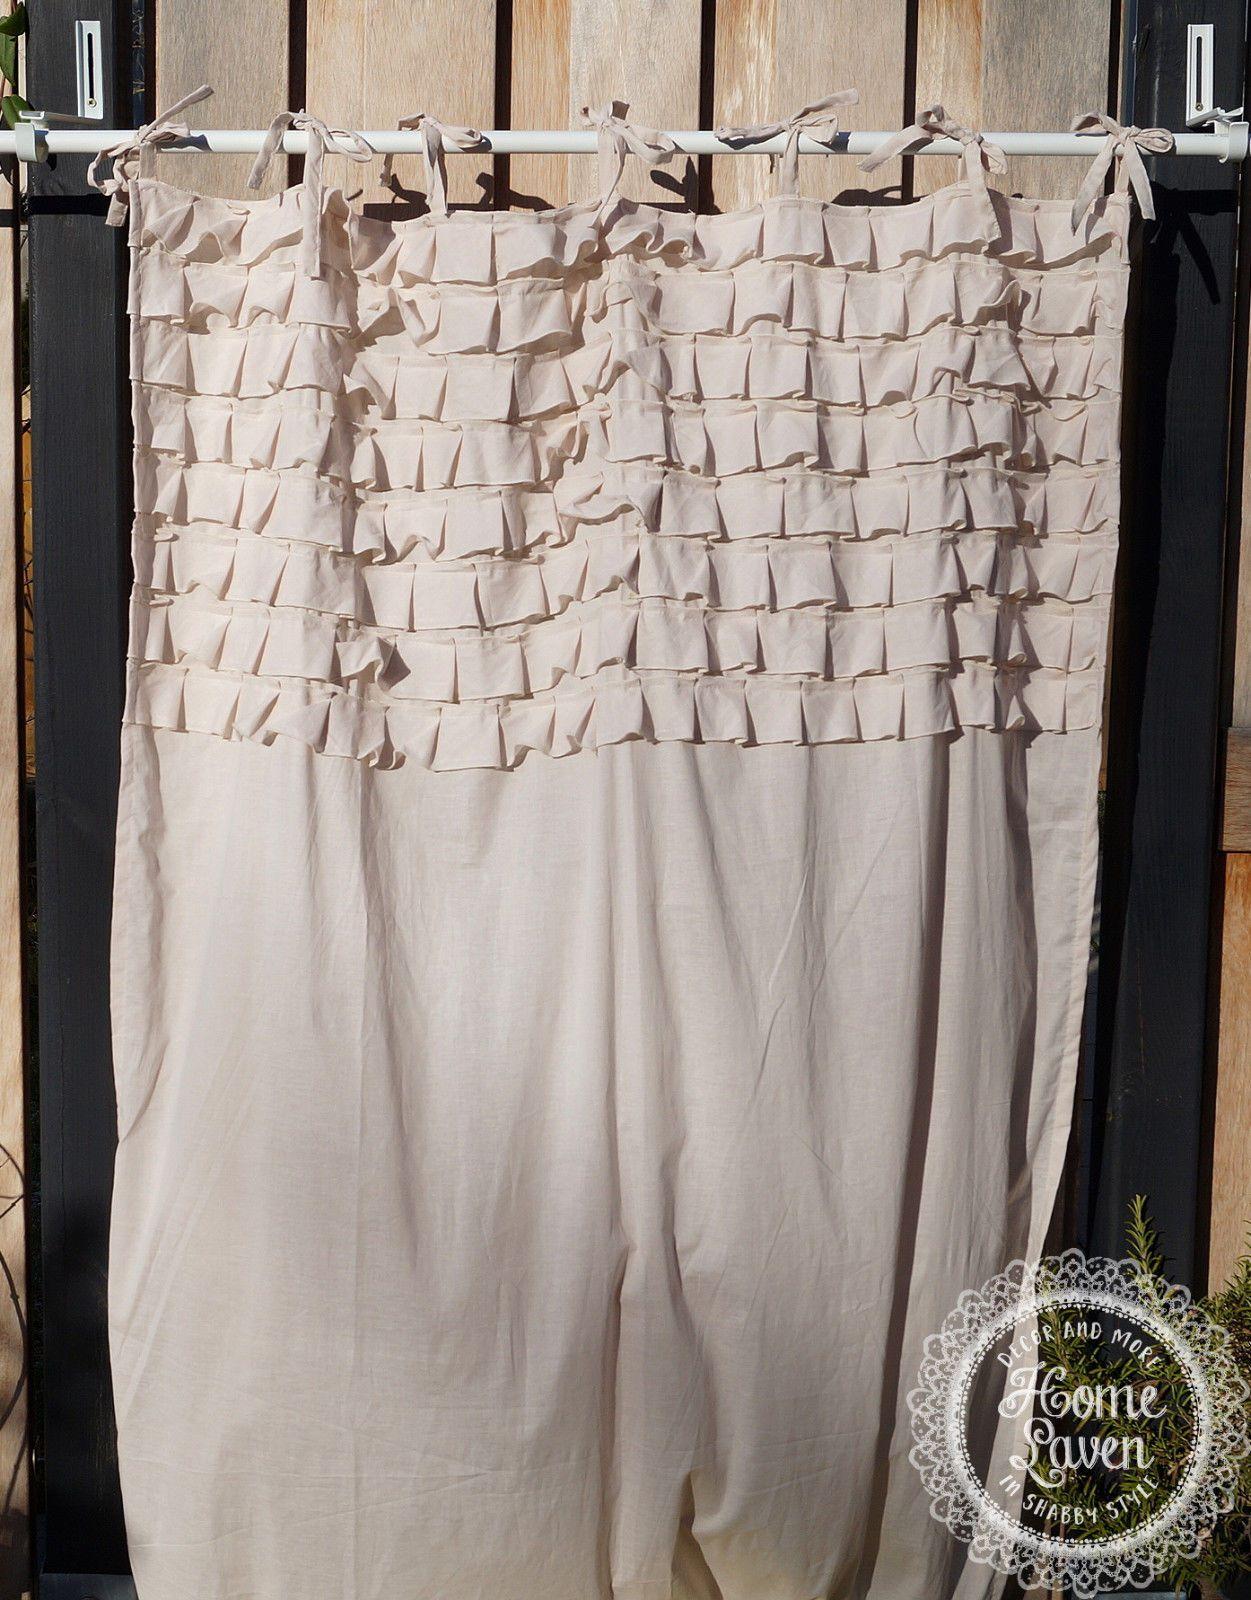 gardine vorhang 110 x 240 puderbeige rüschen landhaus shabby, Badezimmer ideen